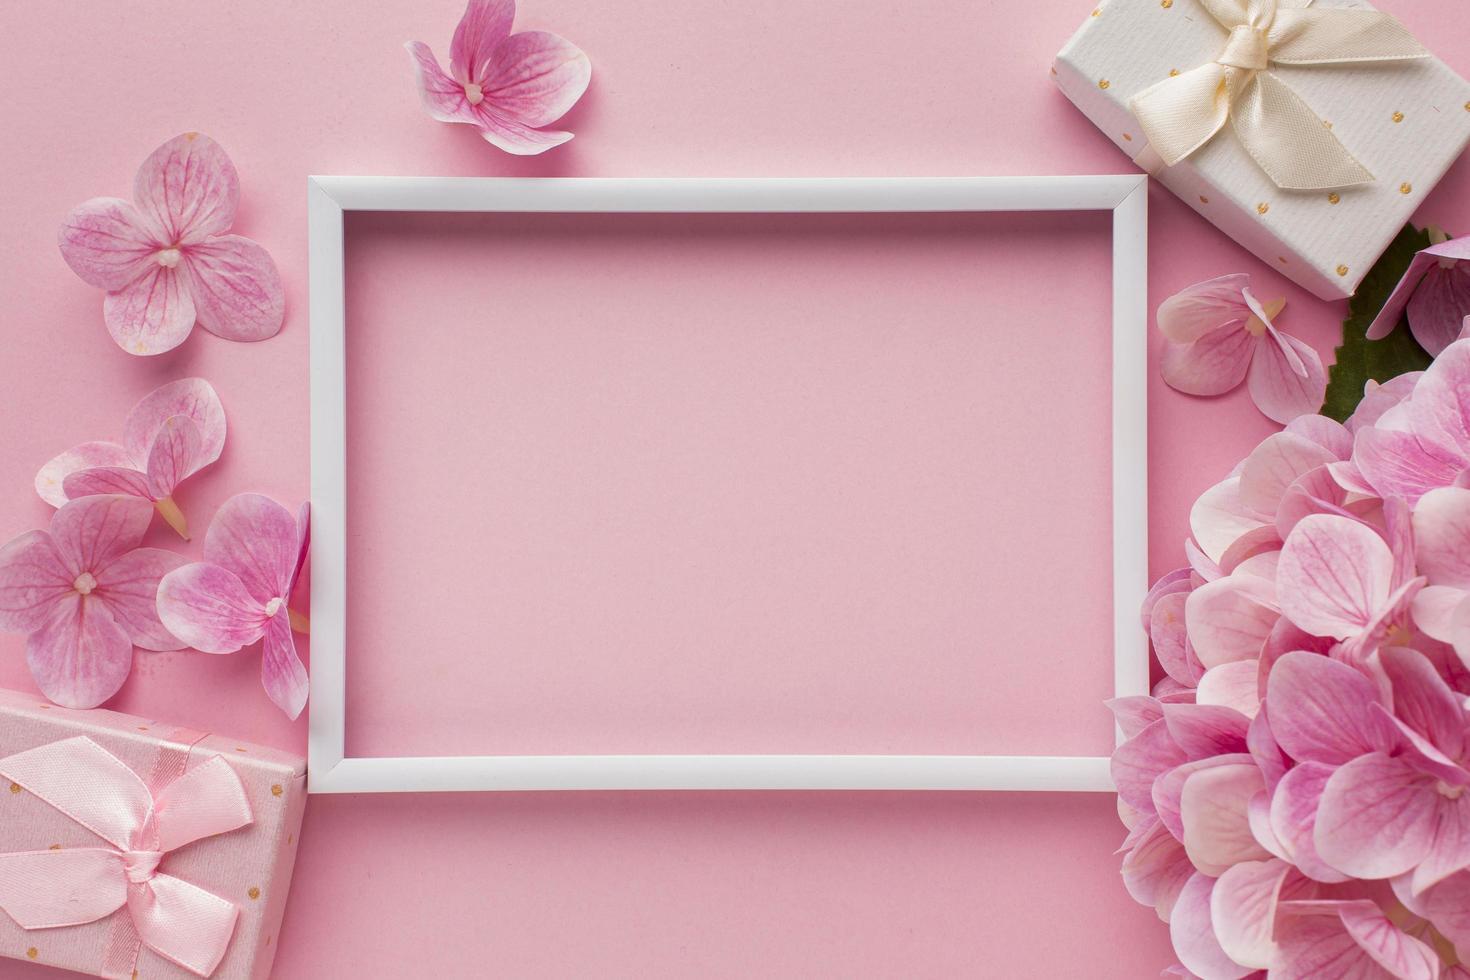 afbeeldingsframe met bloemen foto